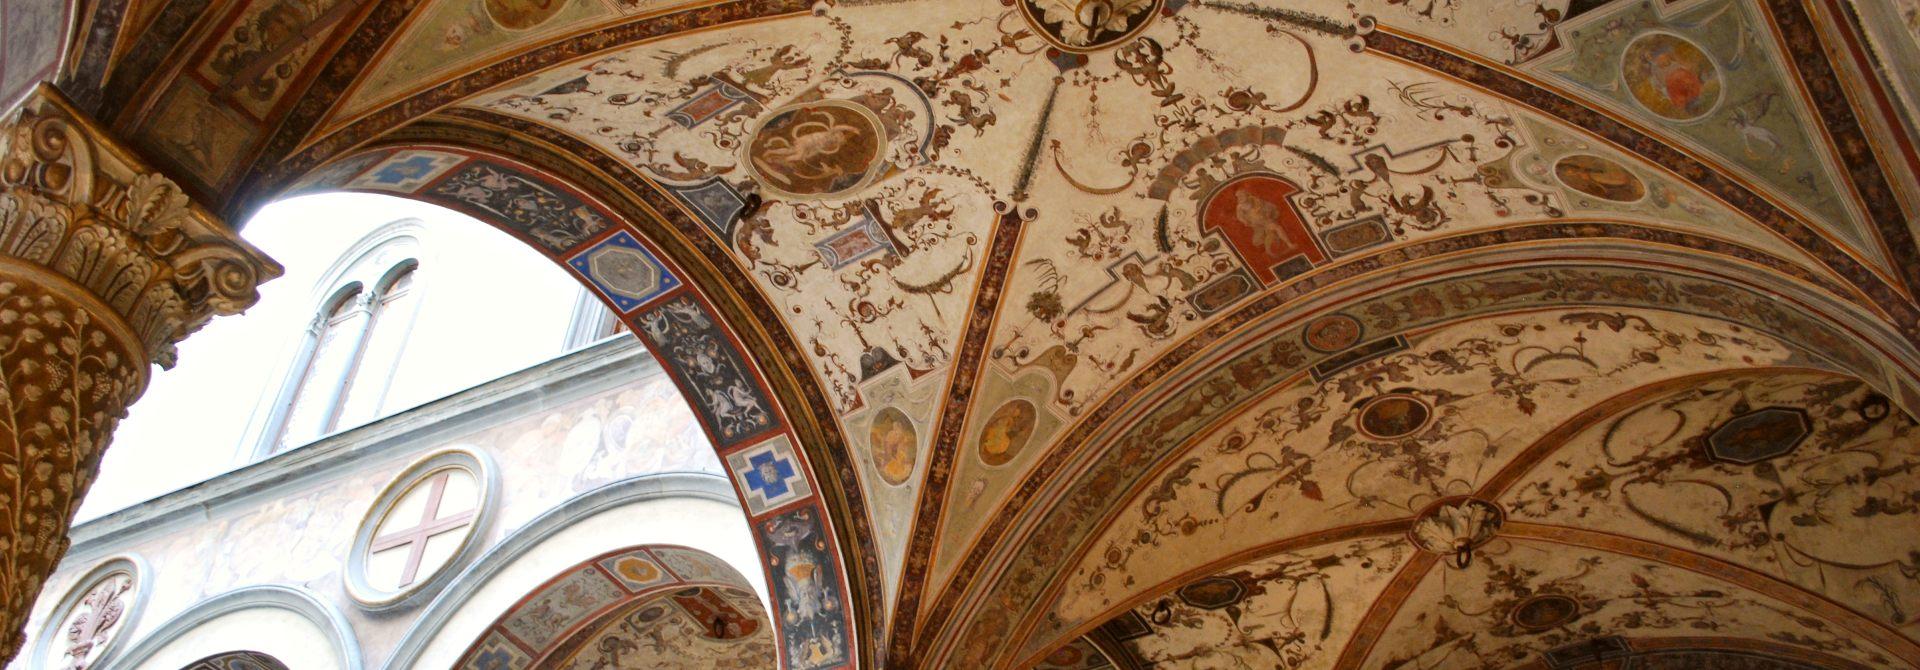 Palazzo Vecchio Header